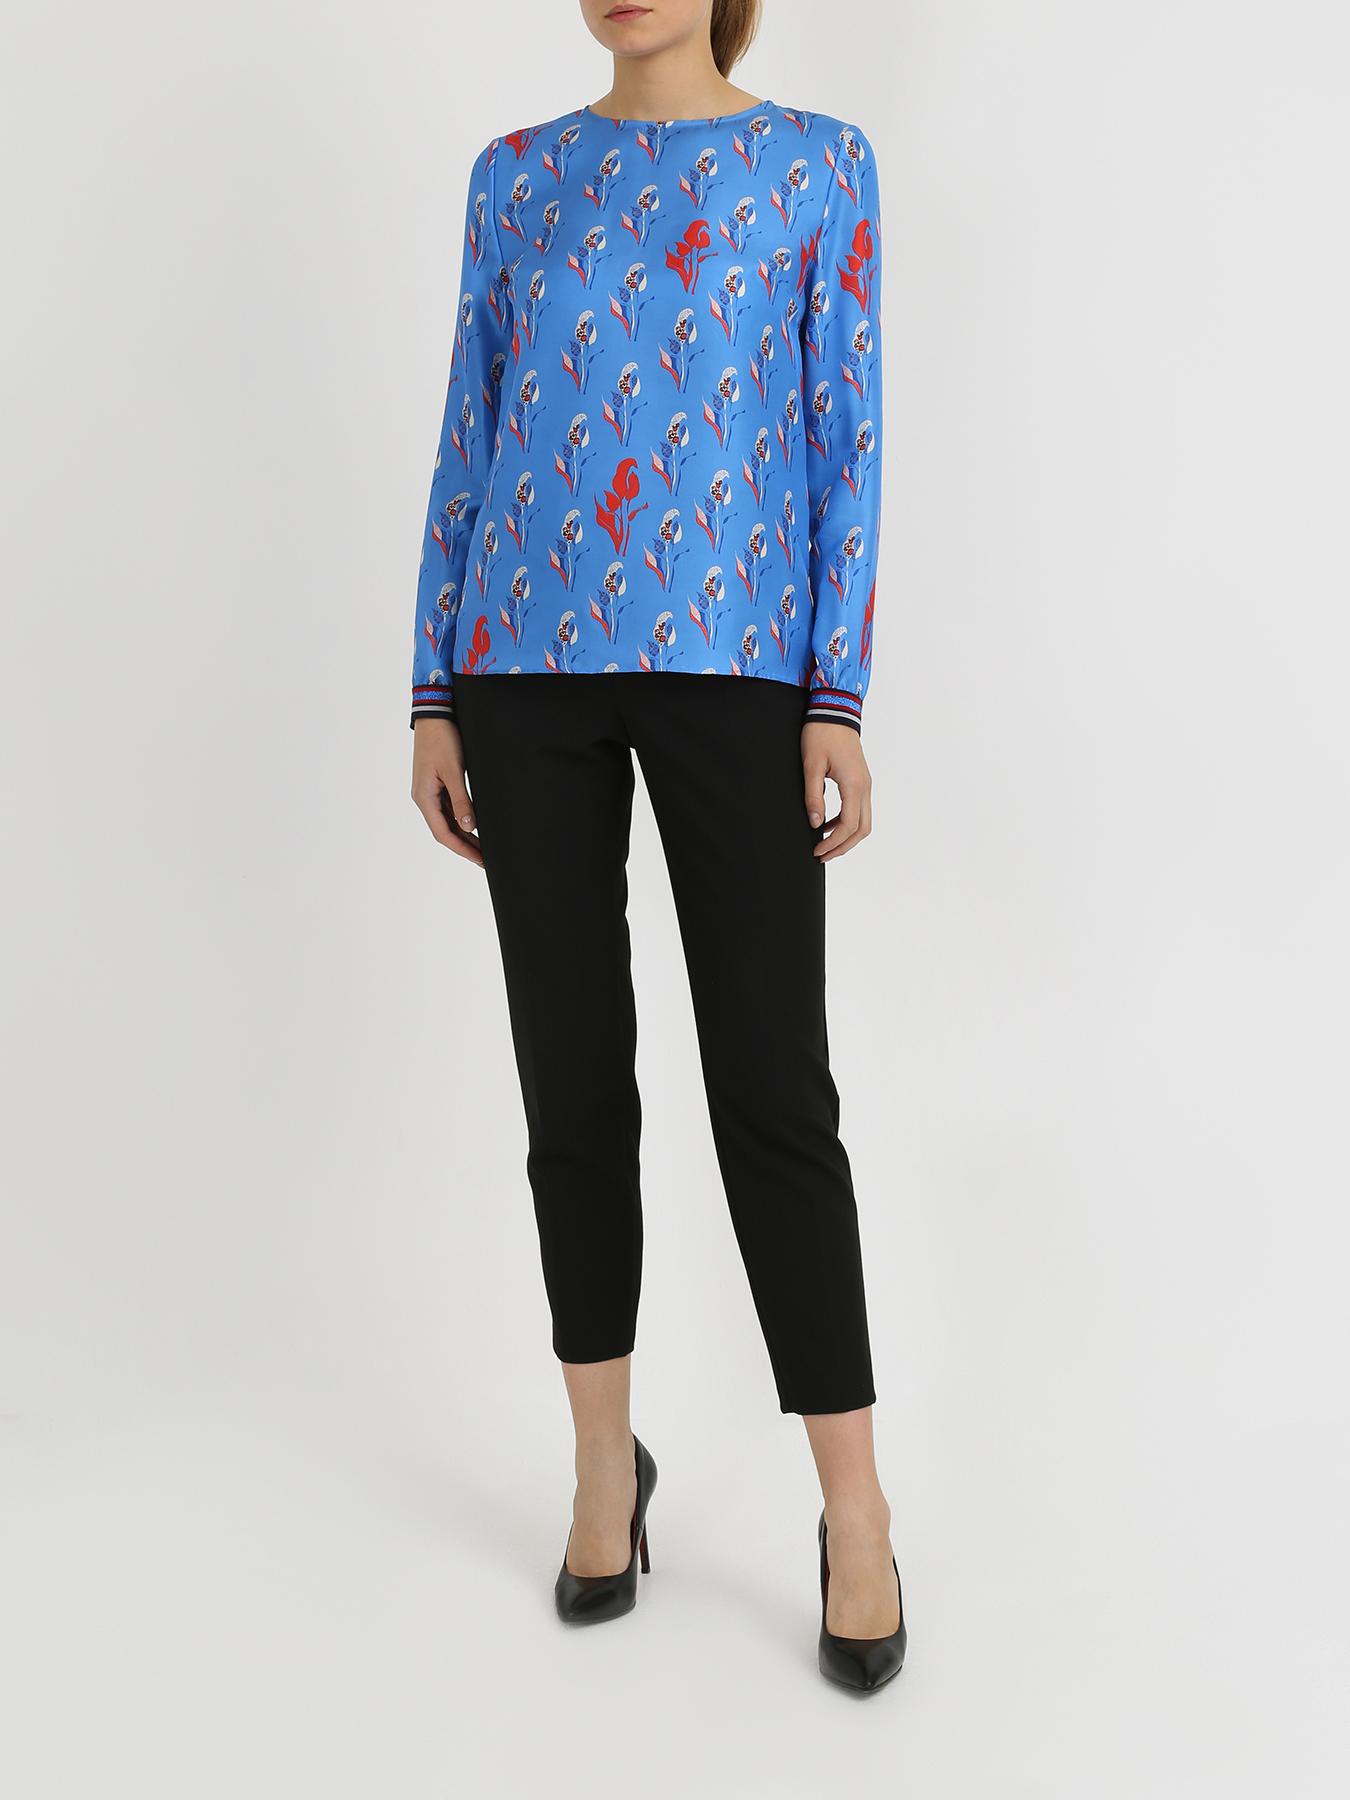 Korpo Шелковая блузка с цветочным узором фото